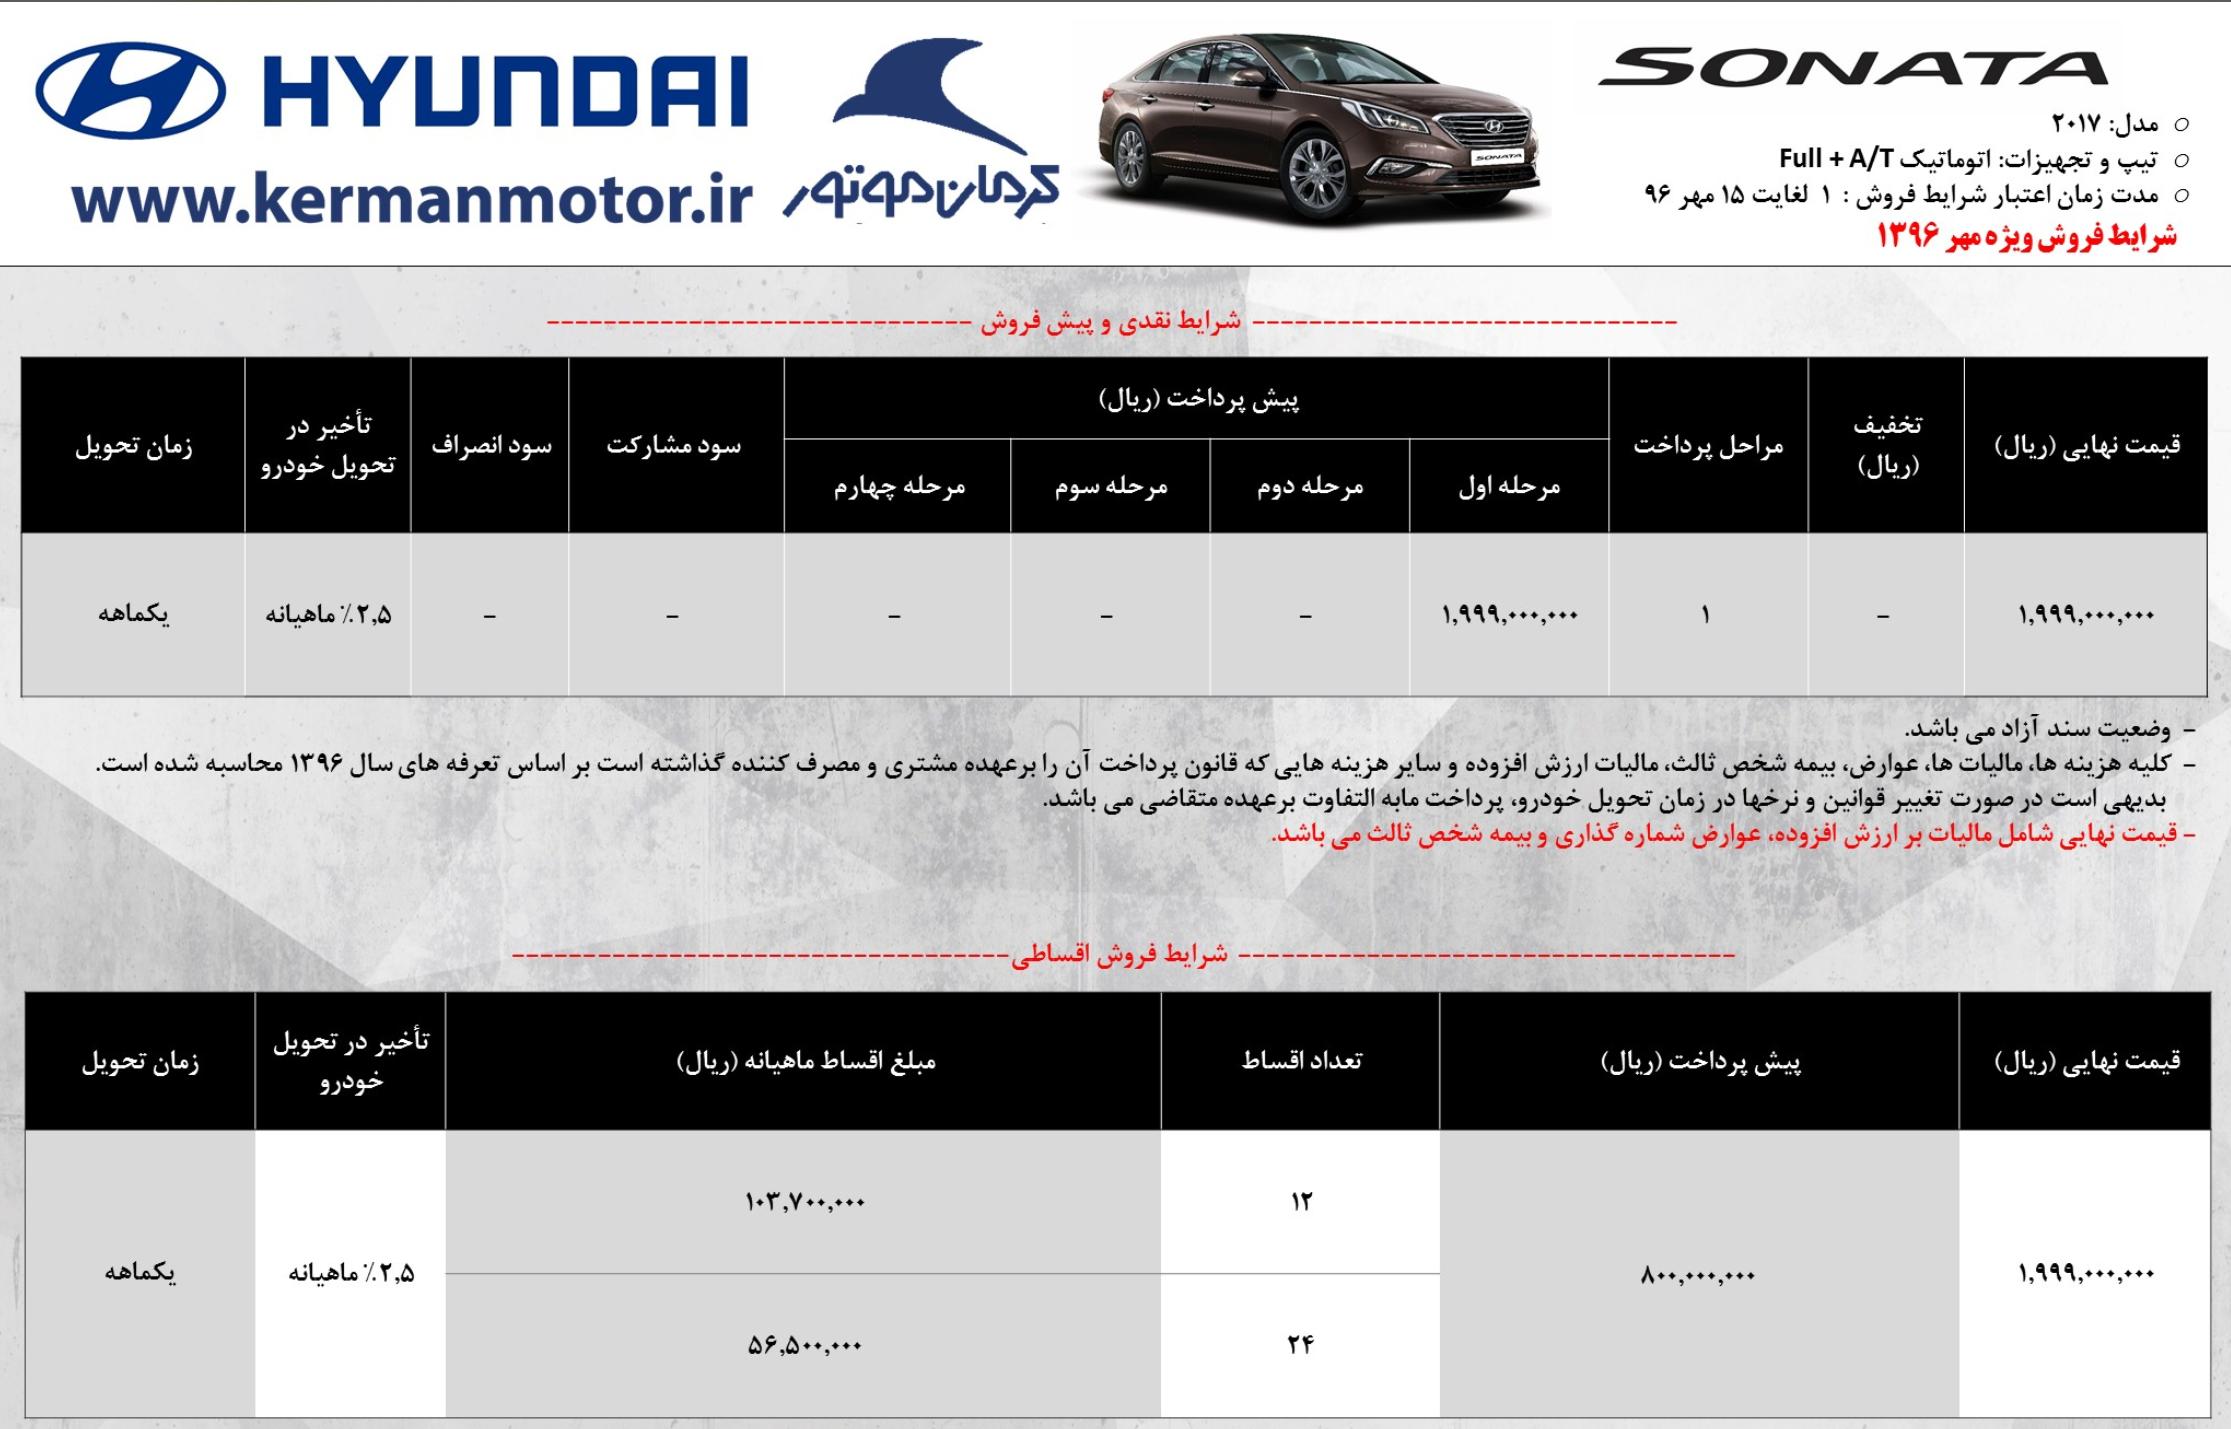 شرایط فروش جدید هیوندای با افزایش قیمت اعلام شد